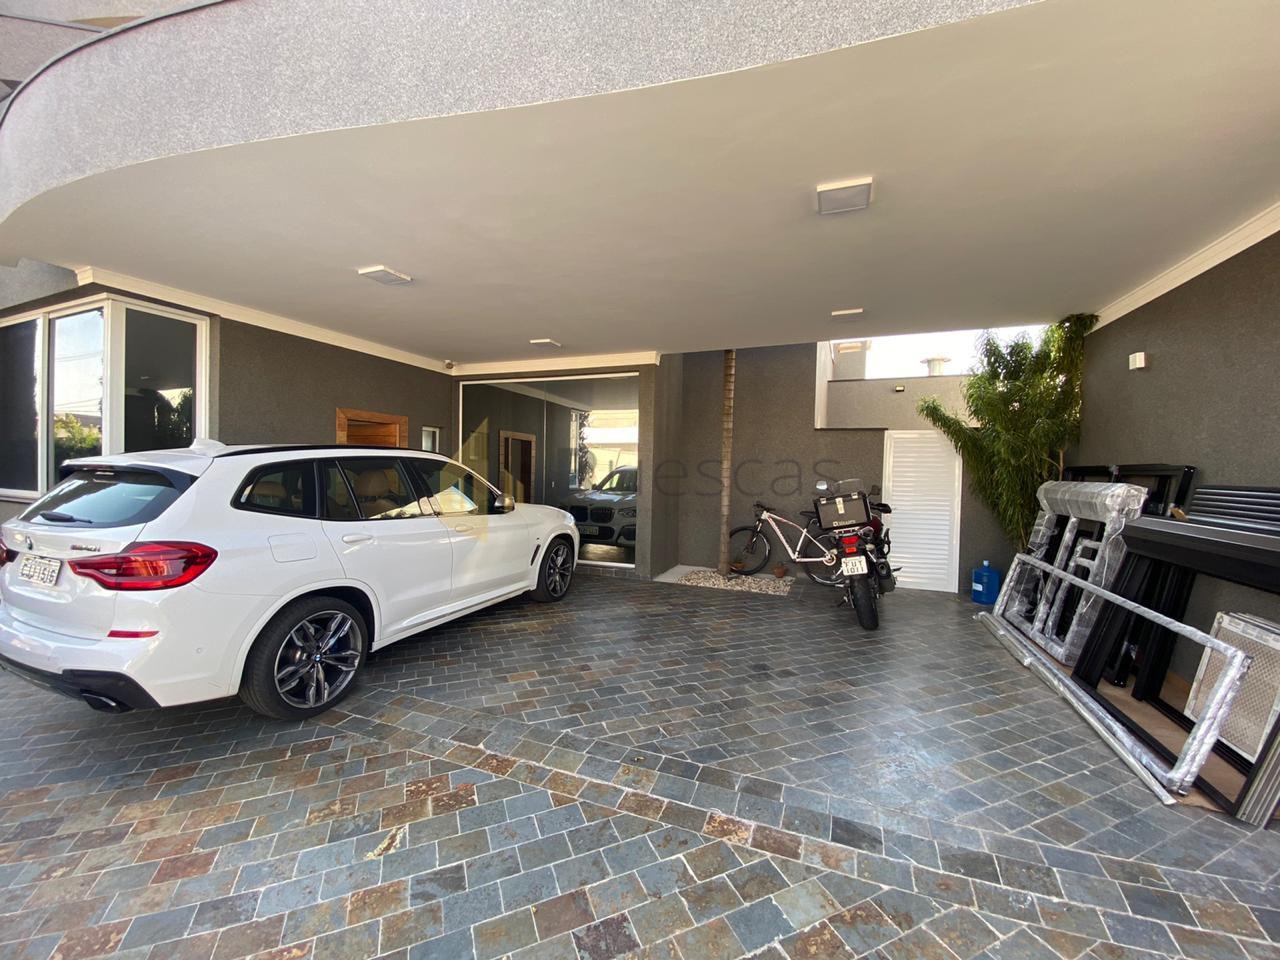 Casa em Condomínio 3 quartos à venda Parque Residencial Damha VI, São José do Rio Preto - R$ 1.500.000 - 1168 - 2